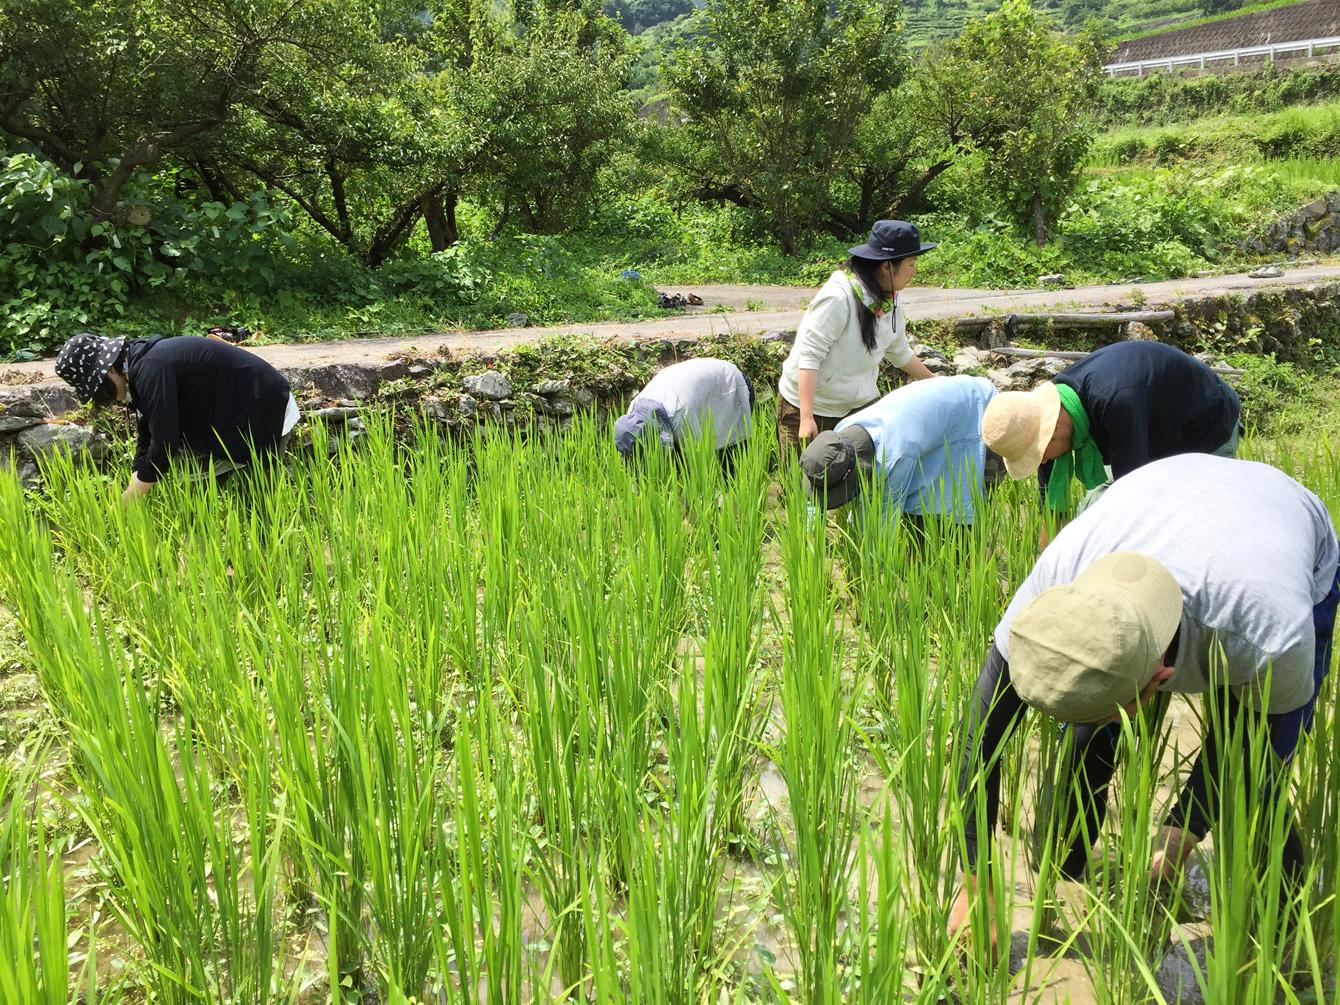 素足で土の感触を楽しみながら、除草作業をする塾生達。